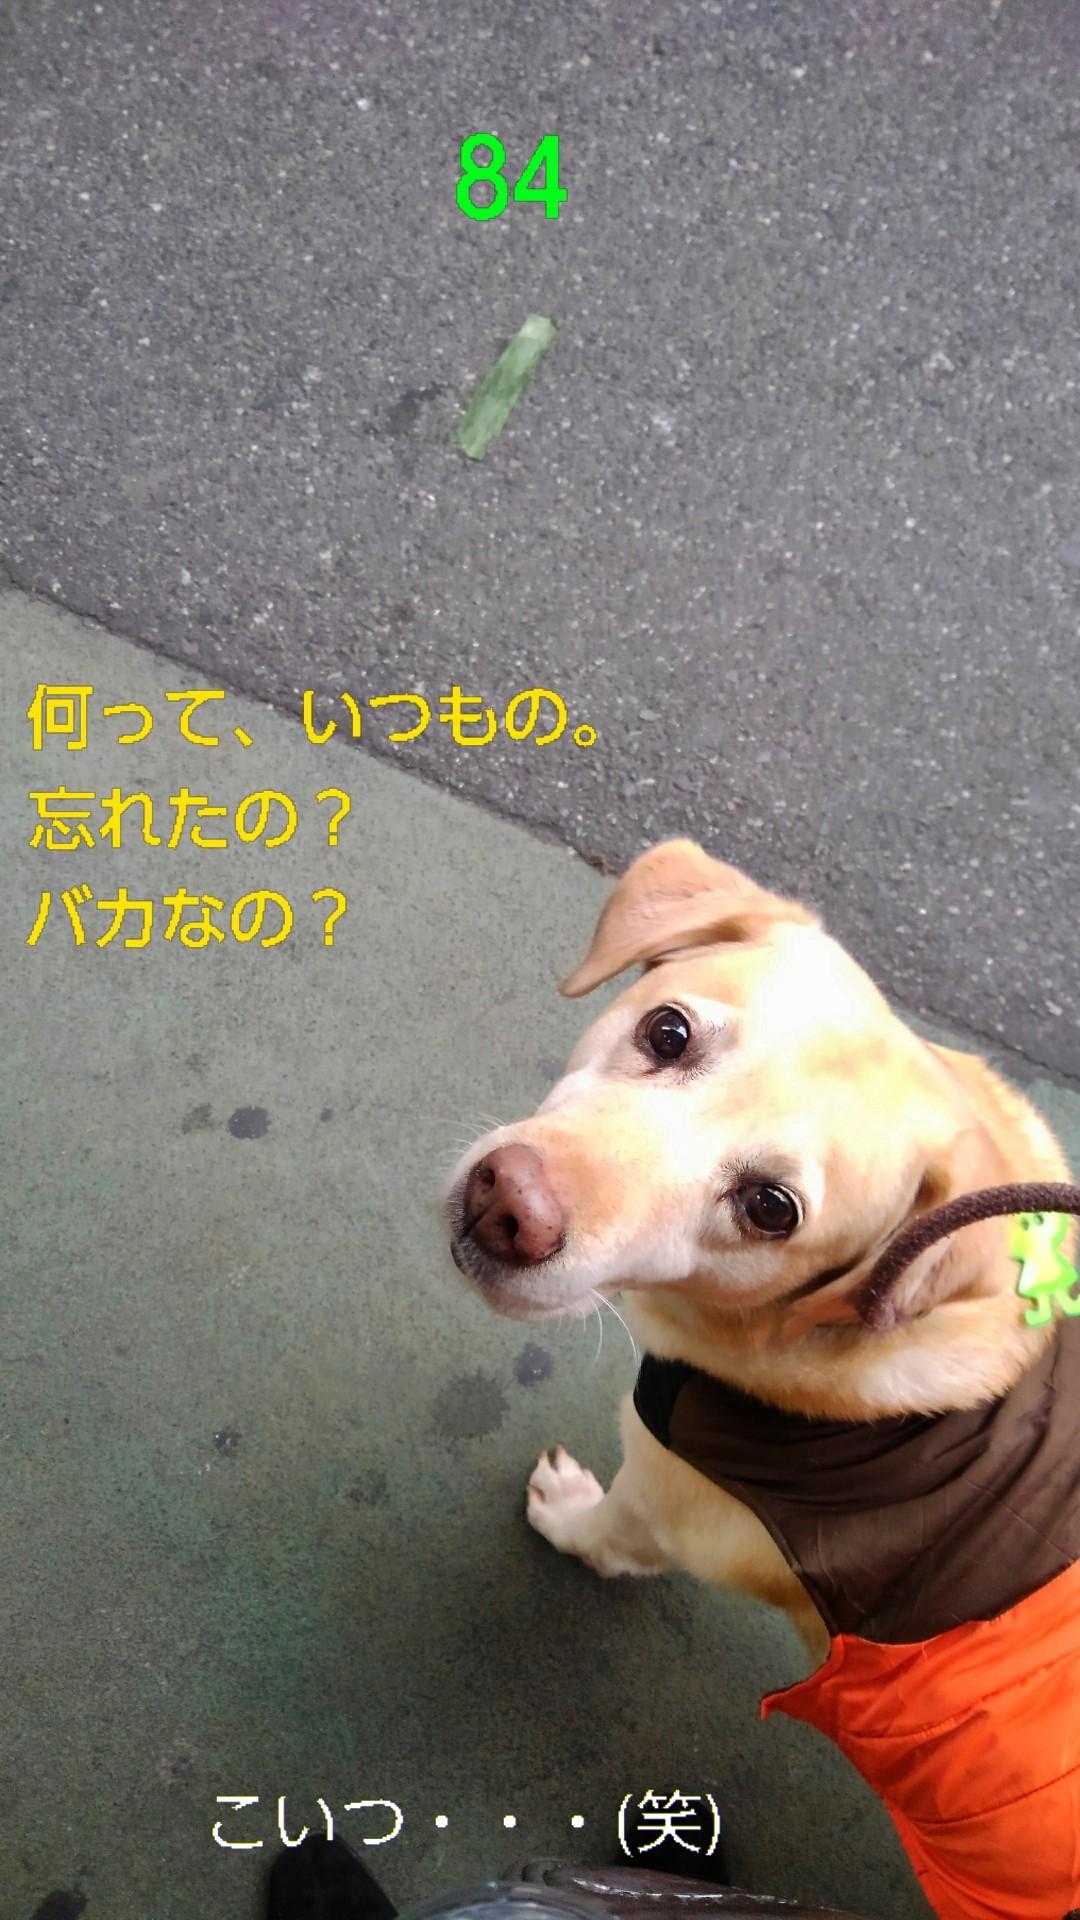 高円寺の落ちネギ・84(さらに)_b0339522_10252699.jpg